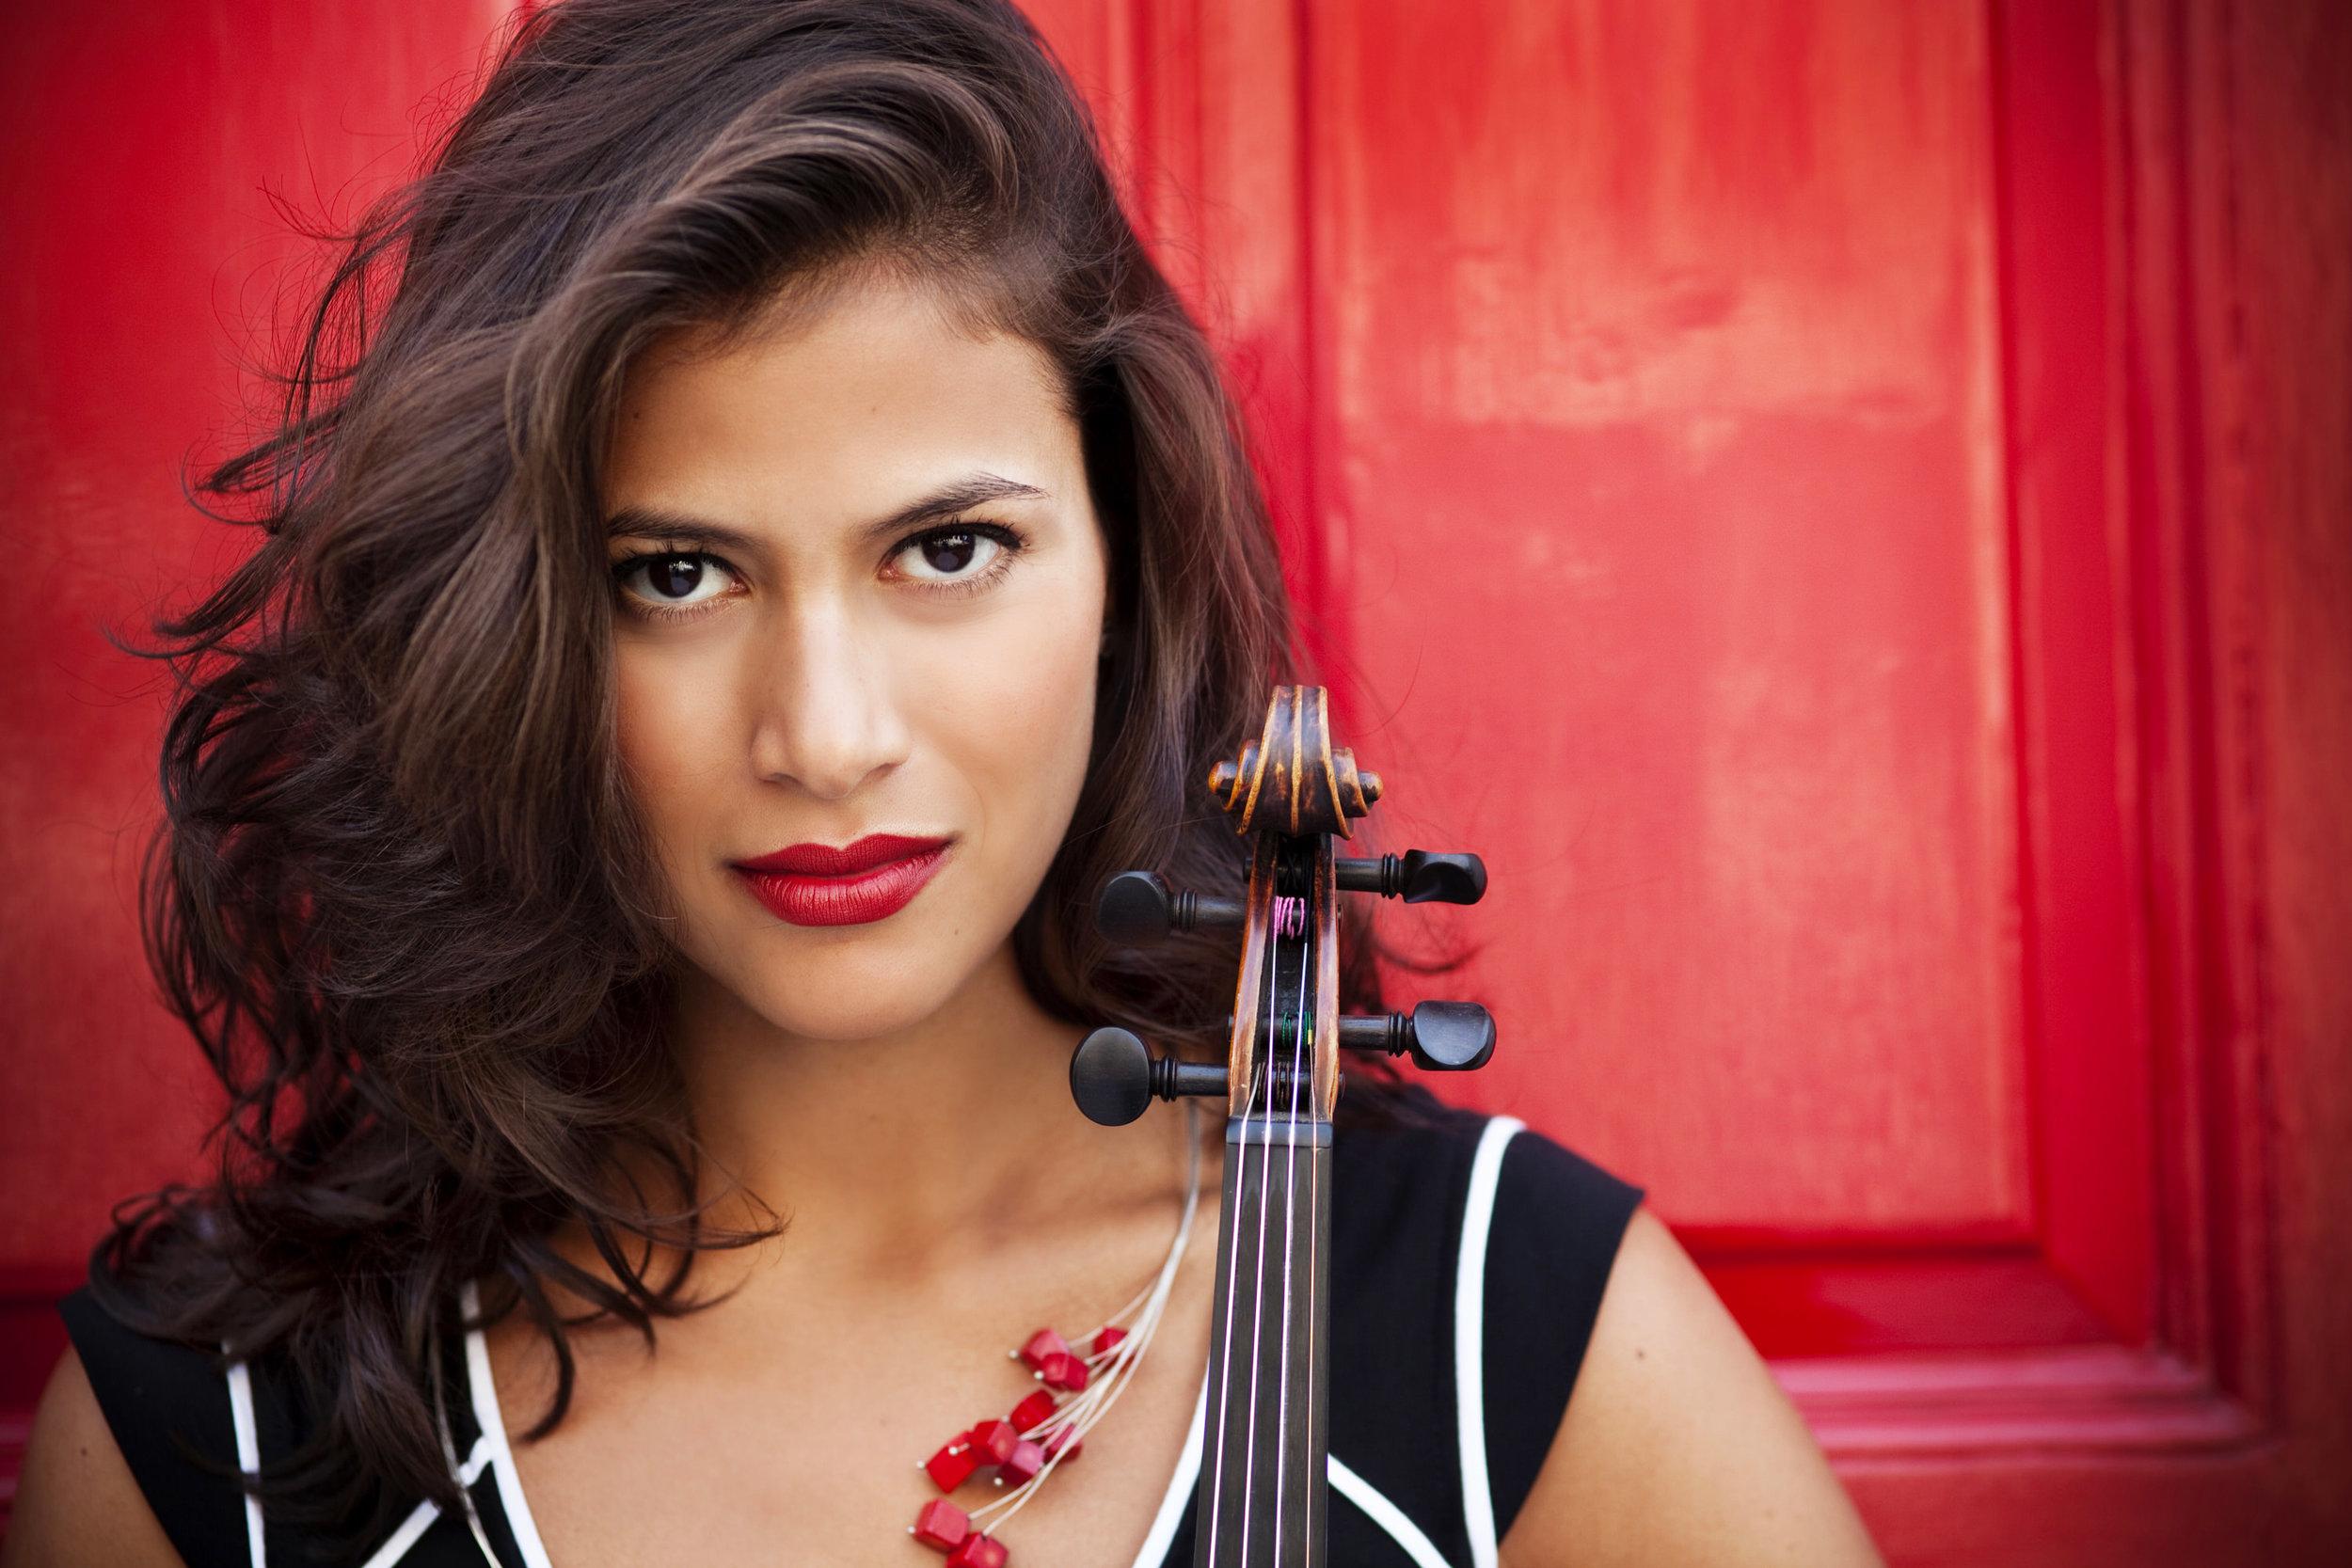 Photo of Elena Urioste by Alessandra Tinozzi